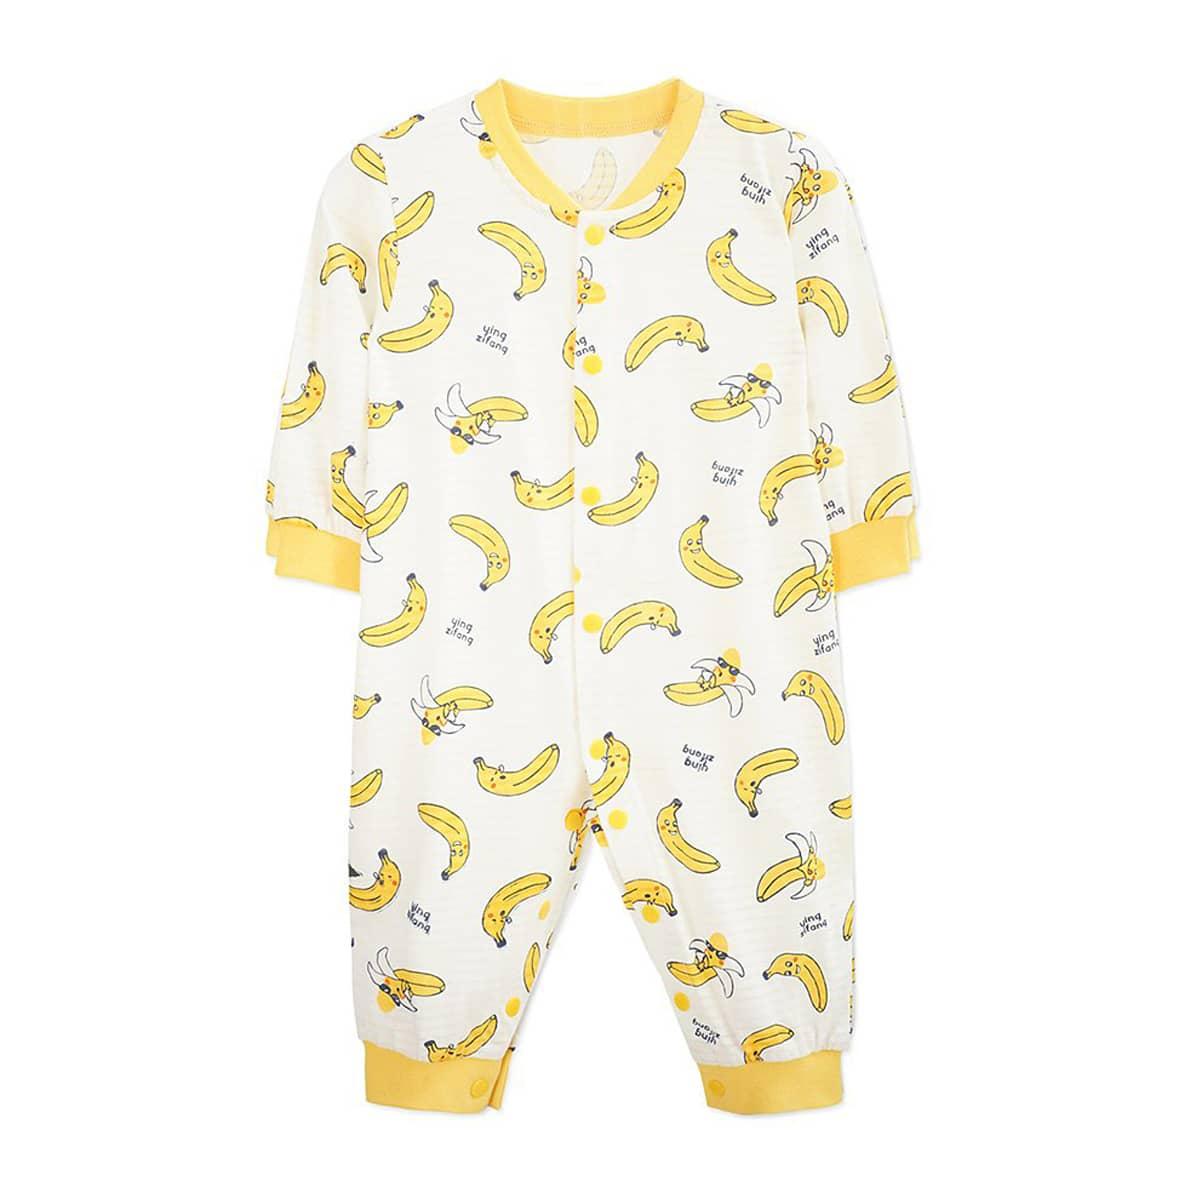 Комбинезон с принтом банана для мальчиков по цене 700